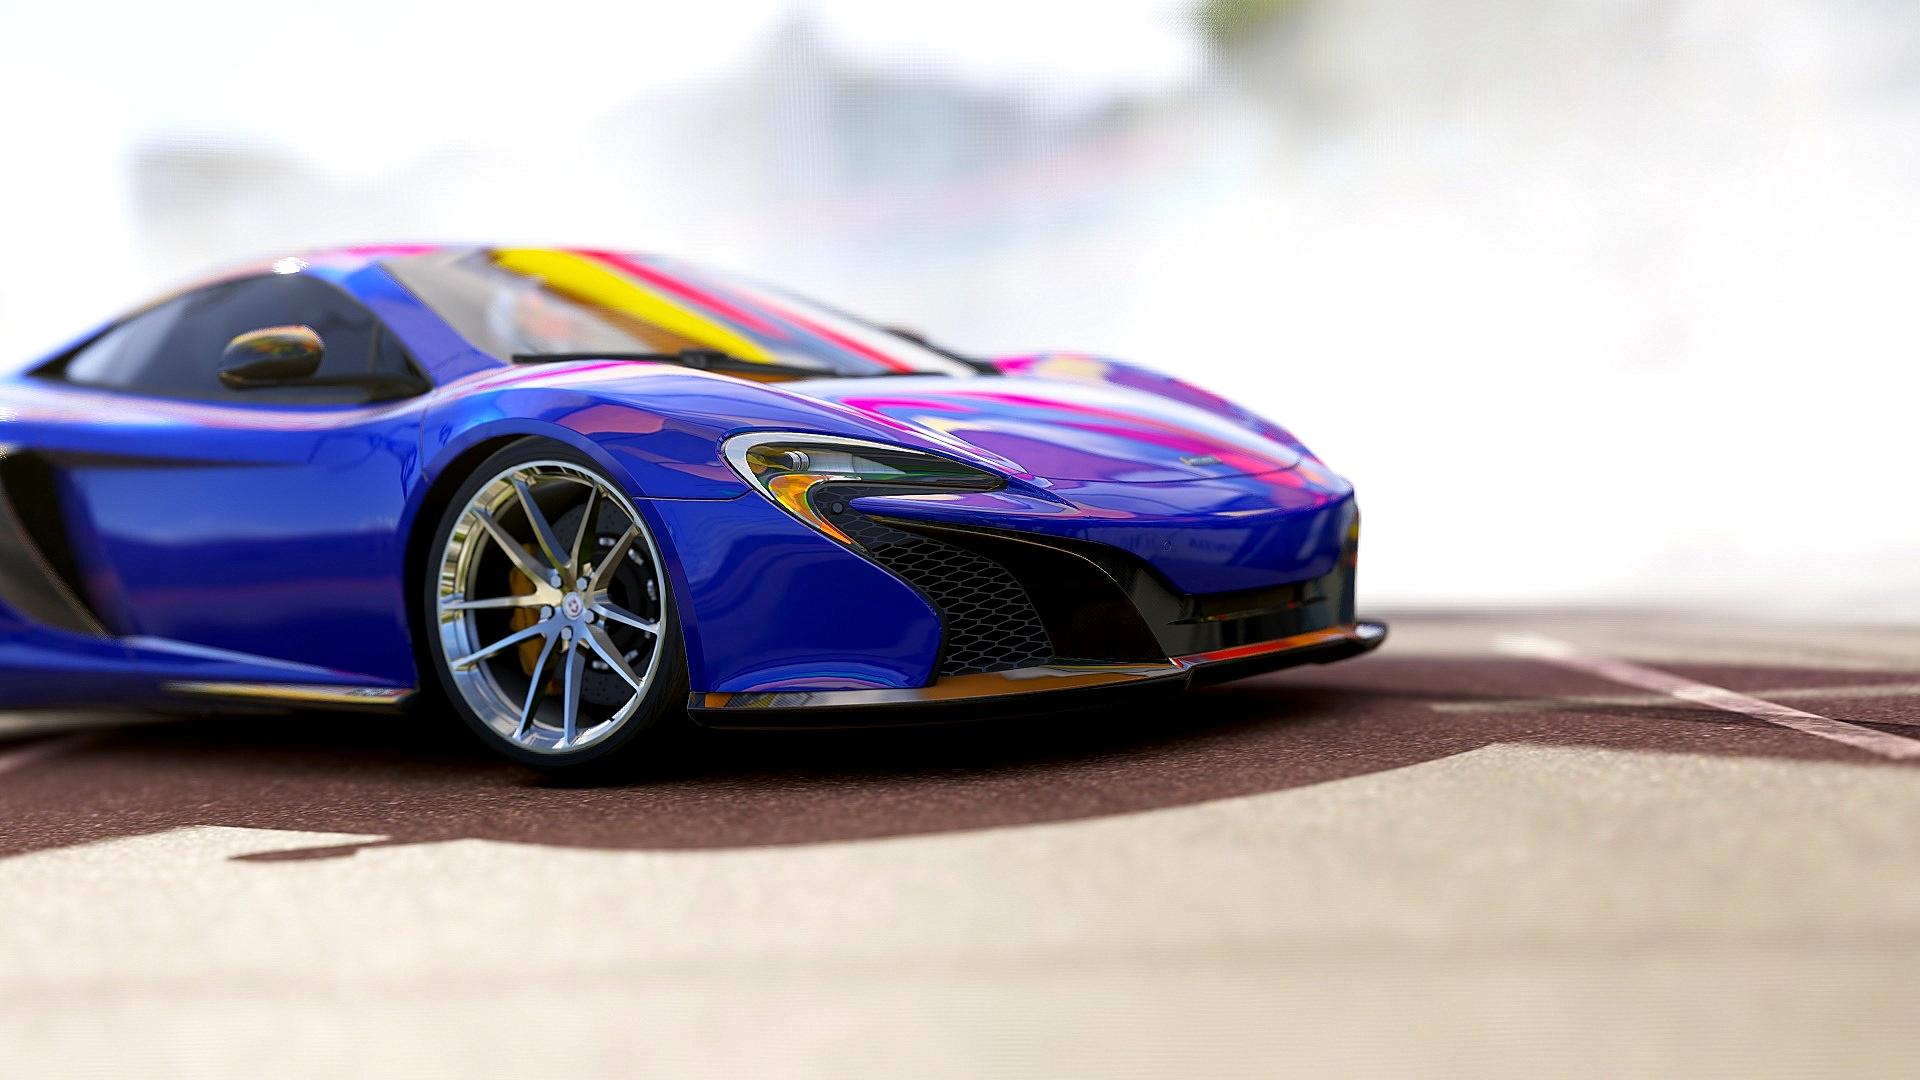 fotos gratis veh culo coche deportivo supercar auto modelo veh culo terrestre marca de. Black Bedroom Furniture Sets. Home Design Ideas